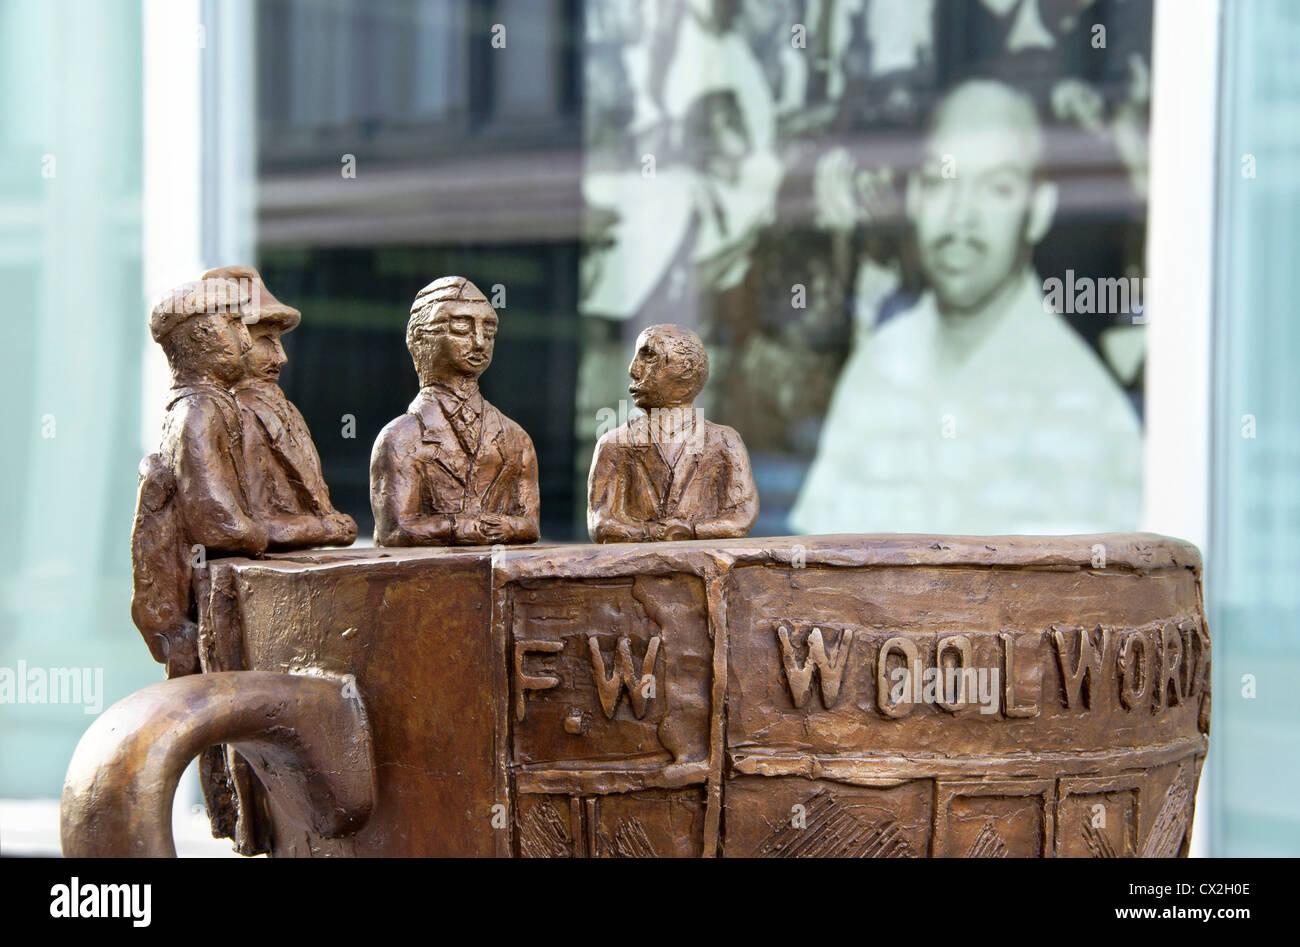 Der Cup of Freedom-Statue von Woolworth Mittagessen Zähler Sit-in, Greensboro, NC, North Carolina. Stockbild